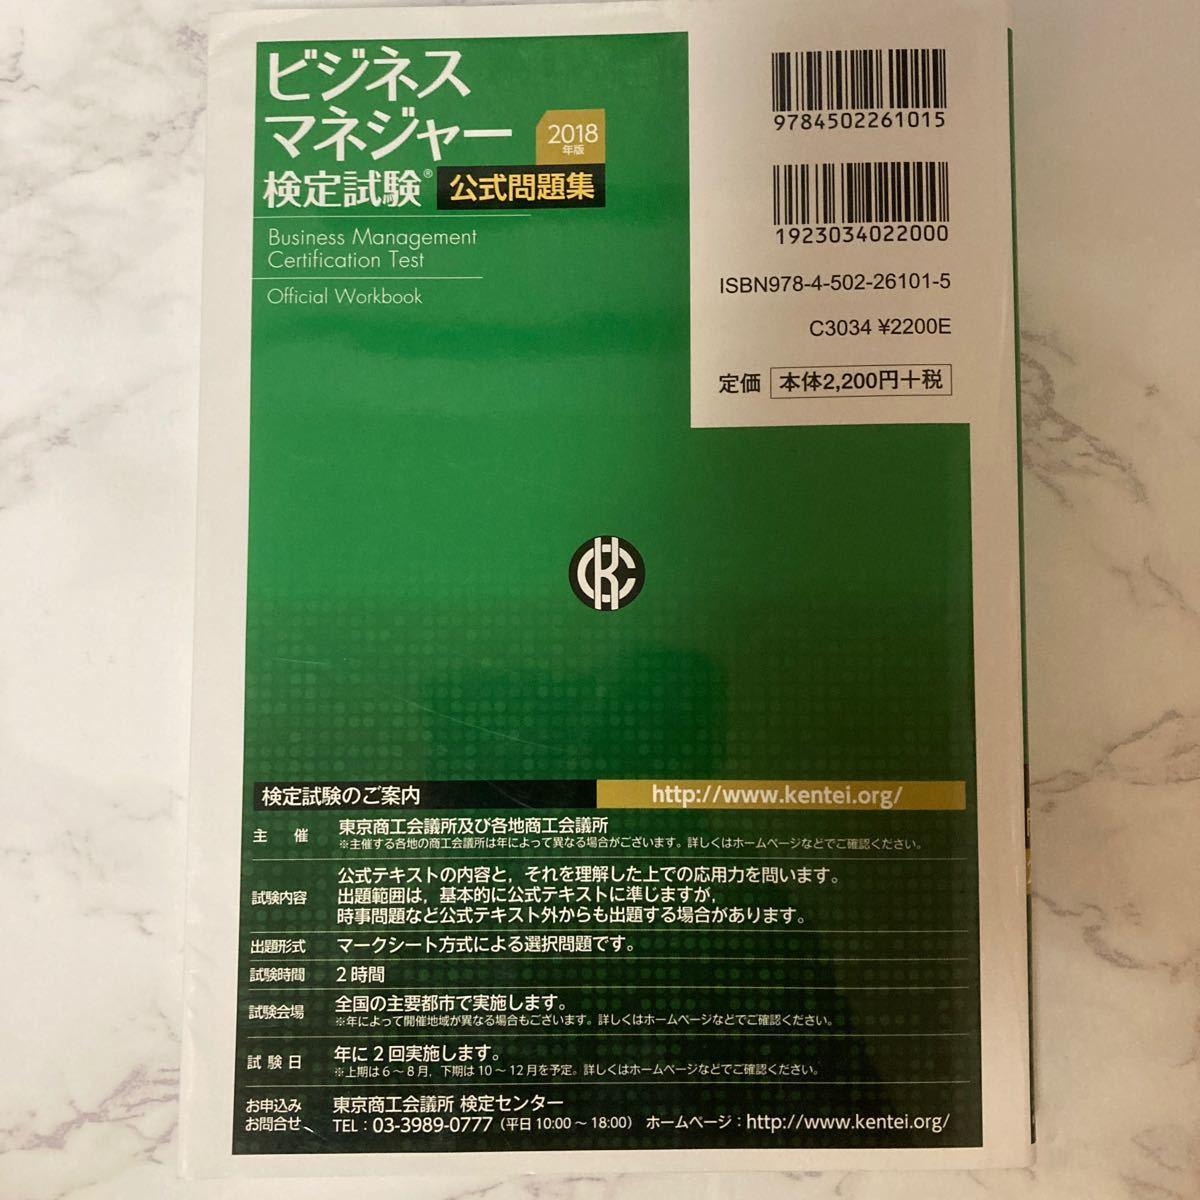 ビジネスマネジャー検定試験 公式問題集 (2018年版) 東京商工会議所 (編者)